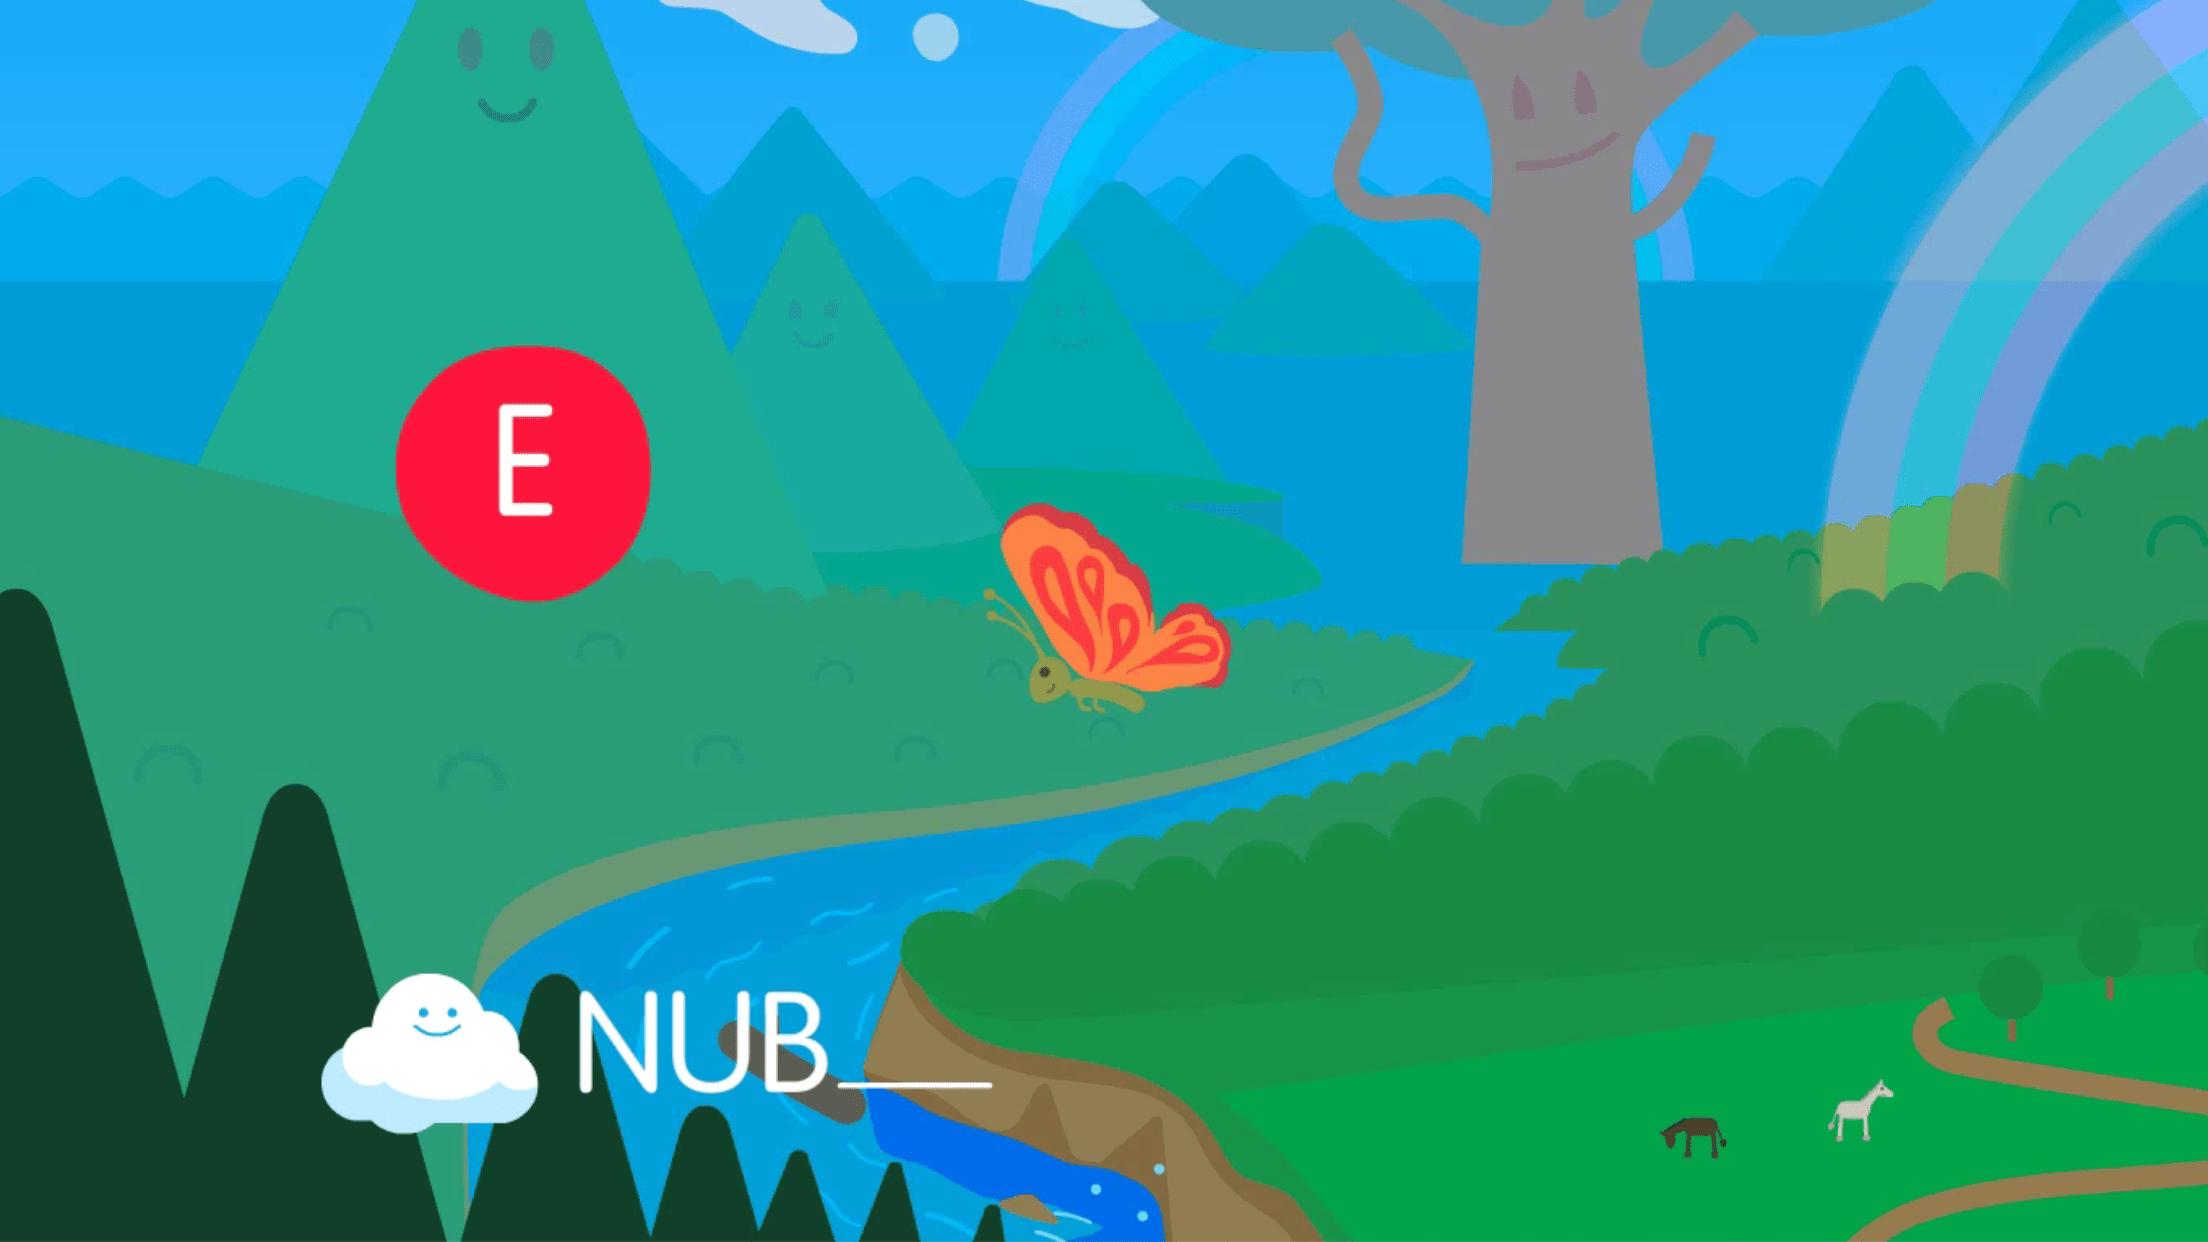 Completar palabras con vocales Palabra Nube